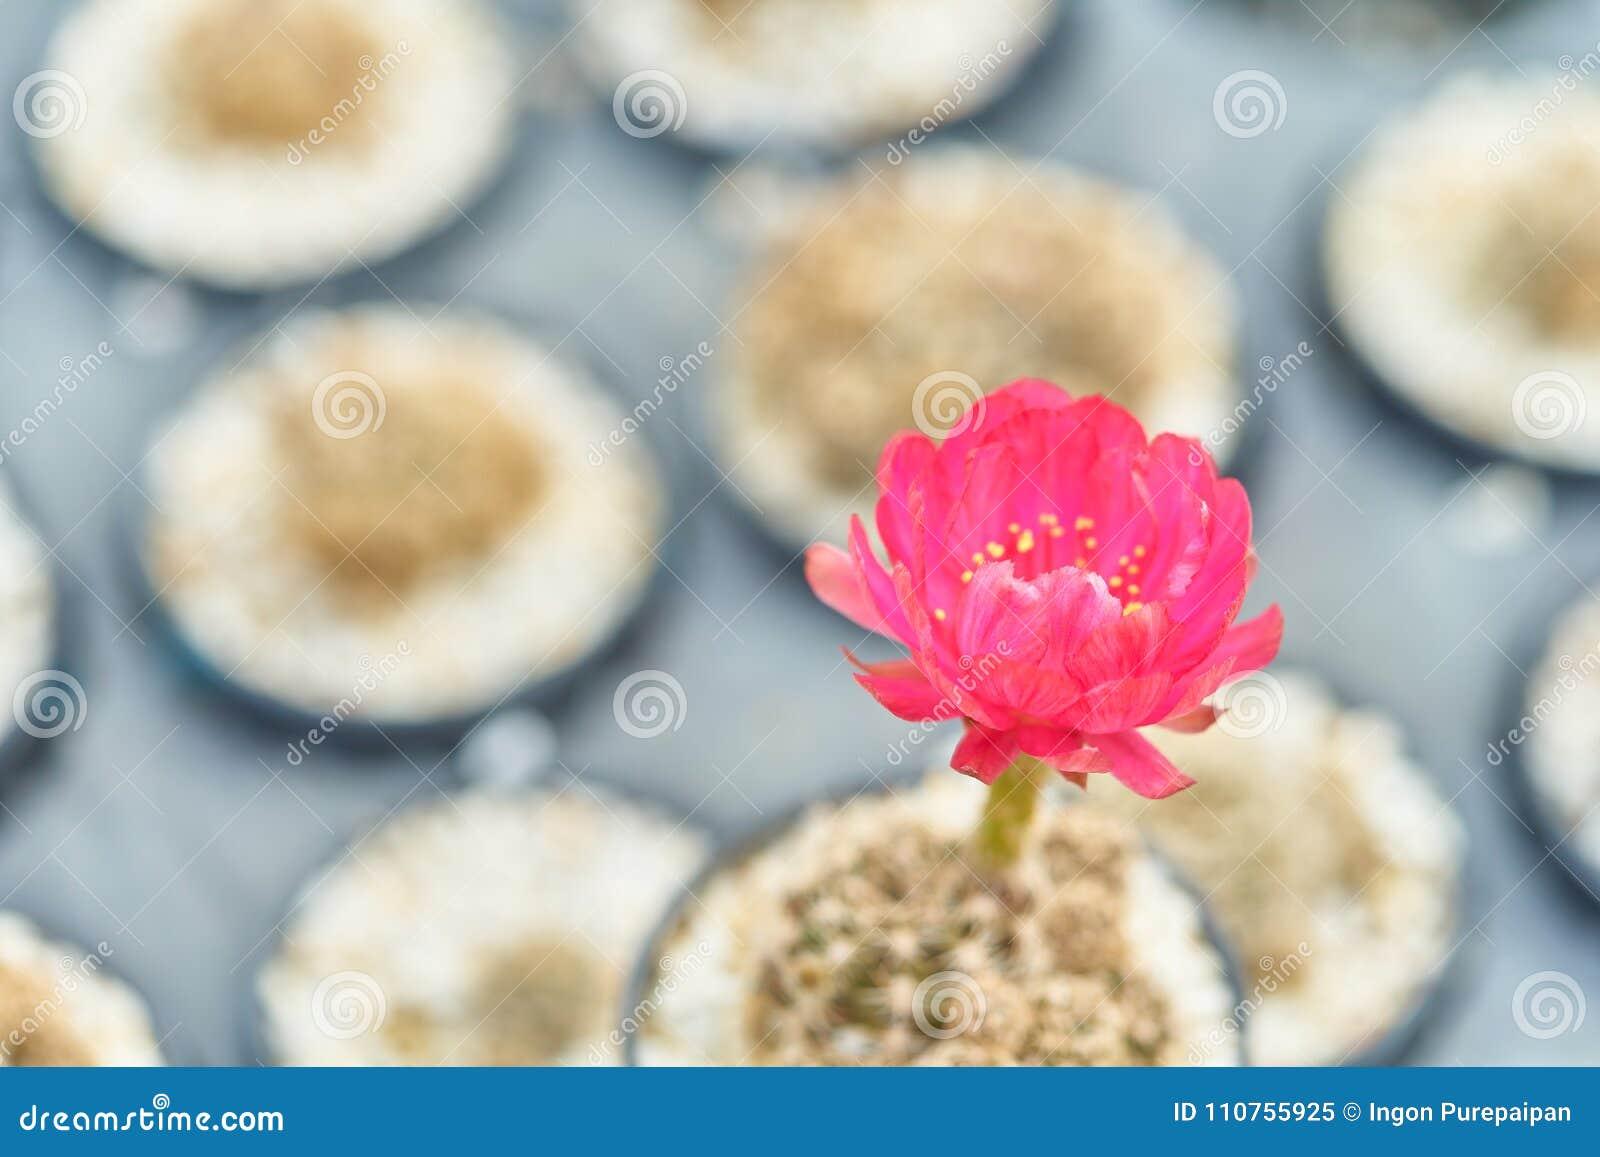 Flor de florescência bonita do cacto do deserto no potenciômetro no jardim, foco seletivo do cacto de florescência da flor vermel